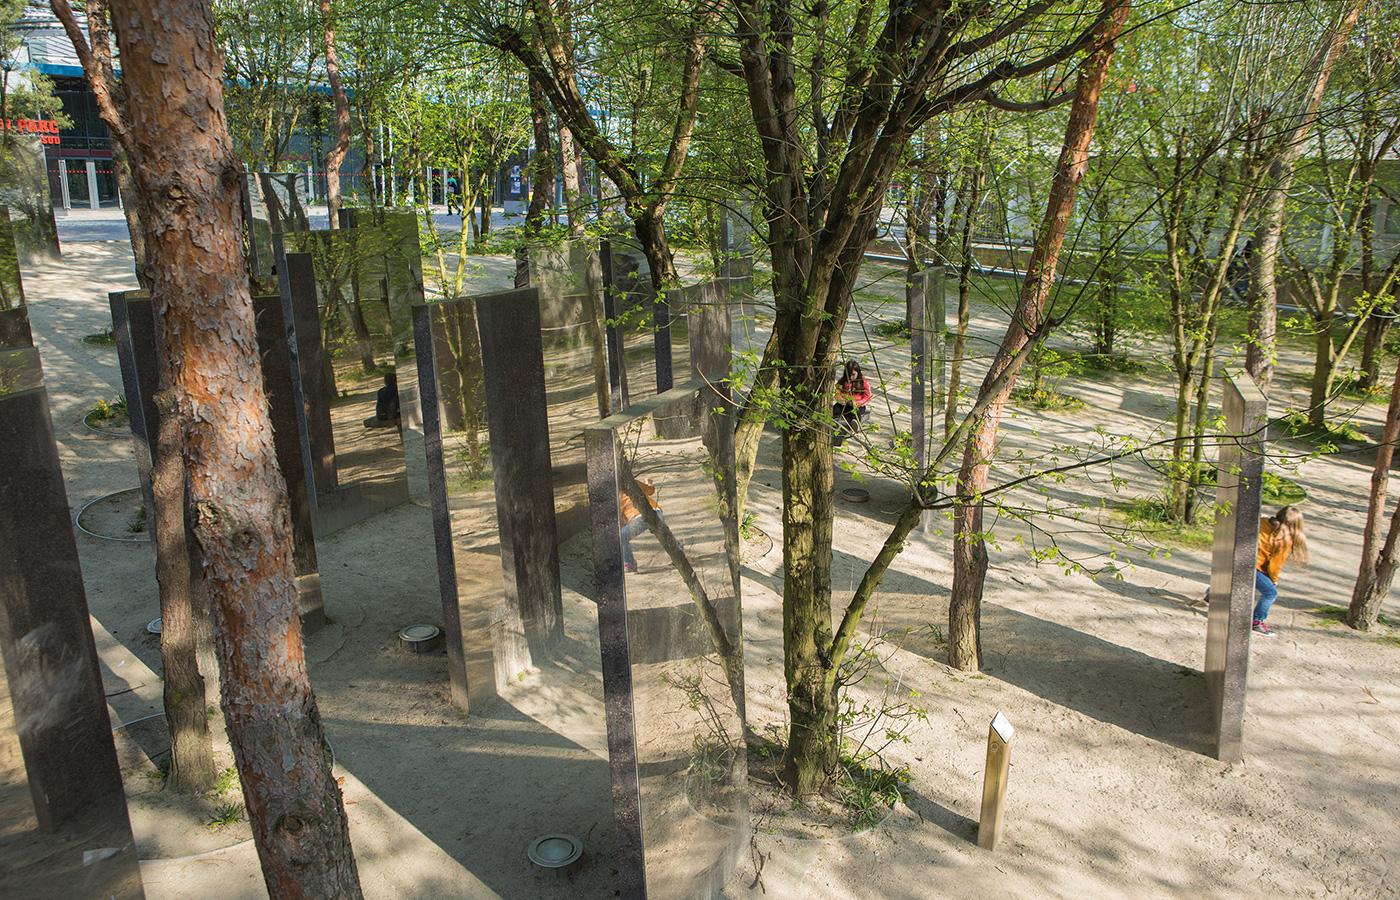 Parc_La-Villette_08